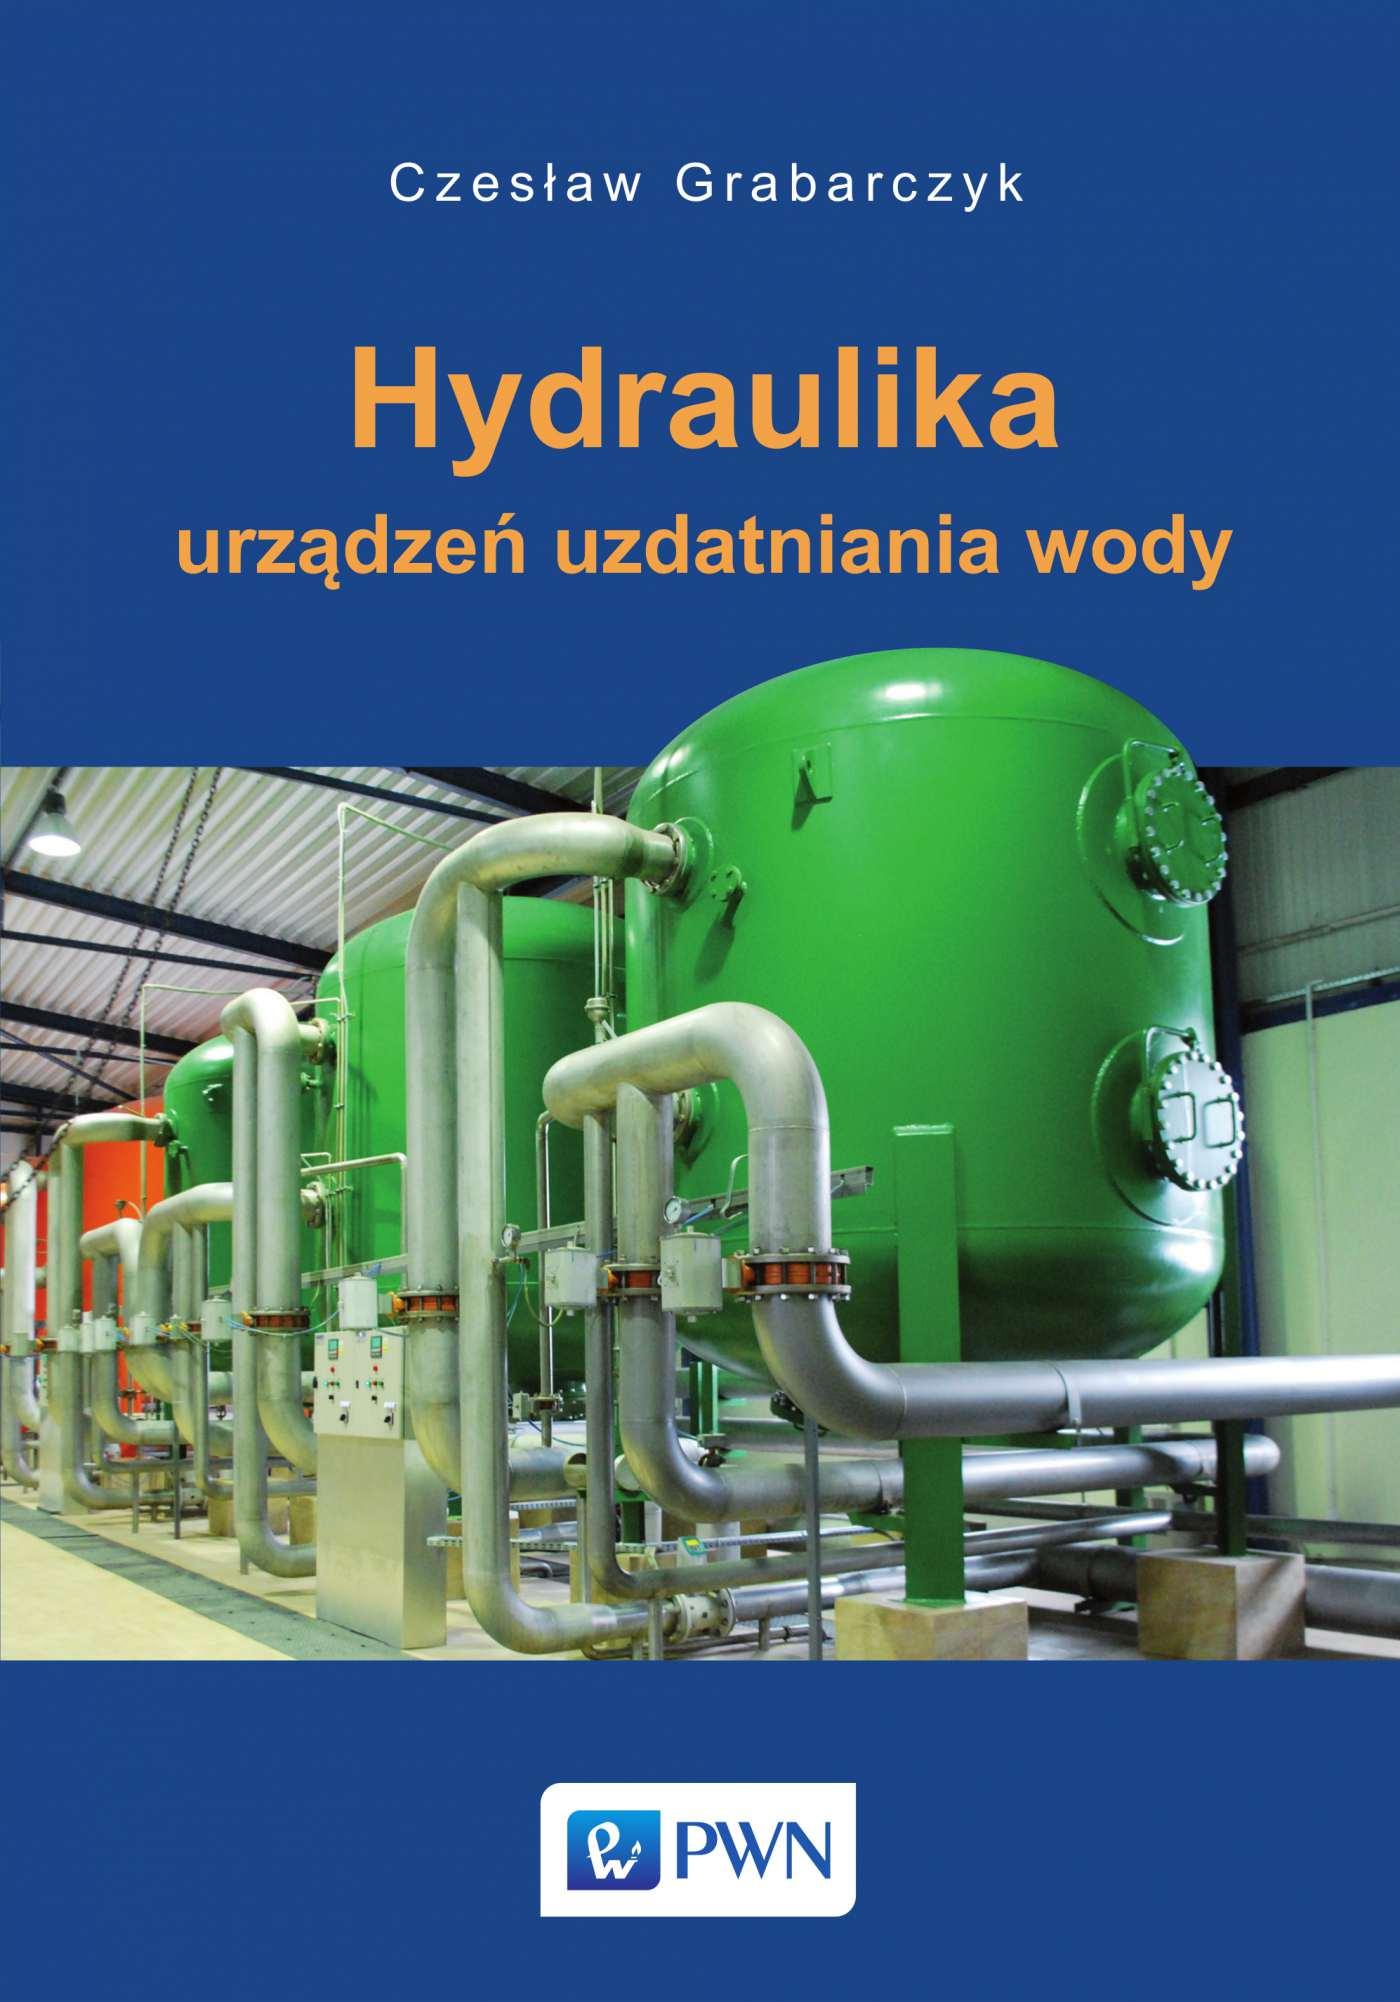 Hydraulika urządzeń uzdatniania wody - Ebook (Książka EPUB) do pobrania w formacie EPUB